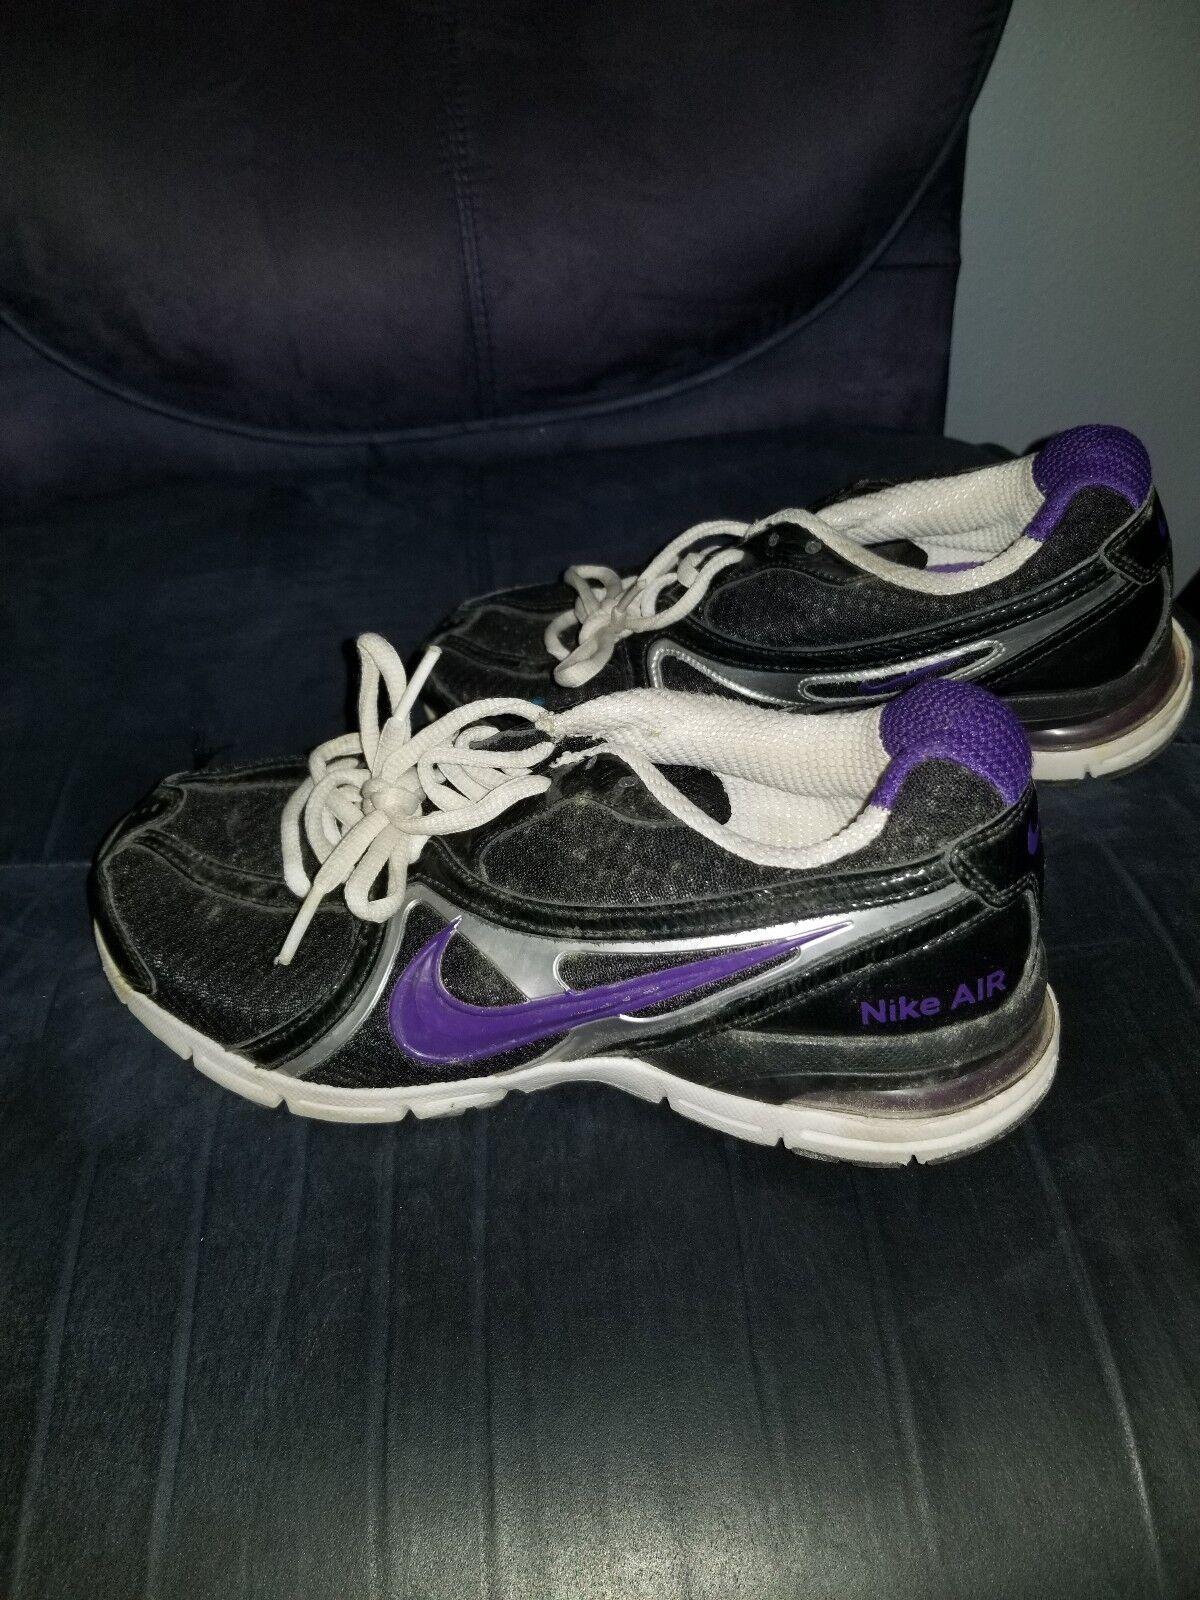 Nike donna visi, misura 7,5 7,5 7,5 a correre   Miglior Prezzo    Uomini/Donne Scarpa  e766a7